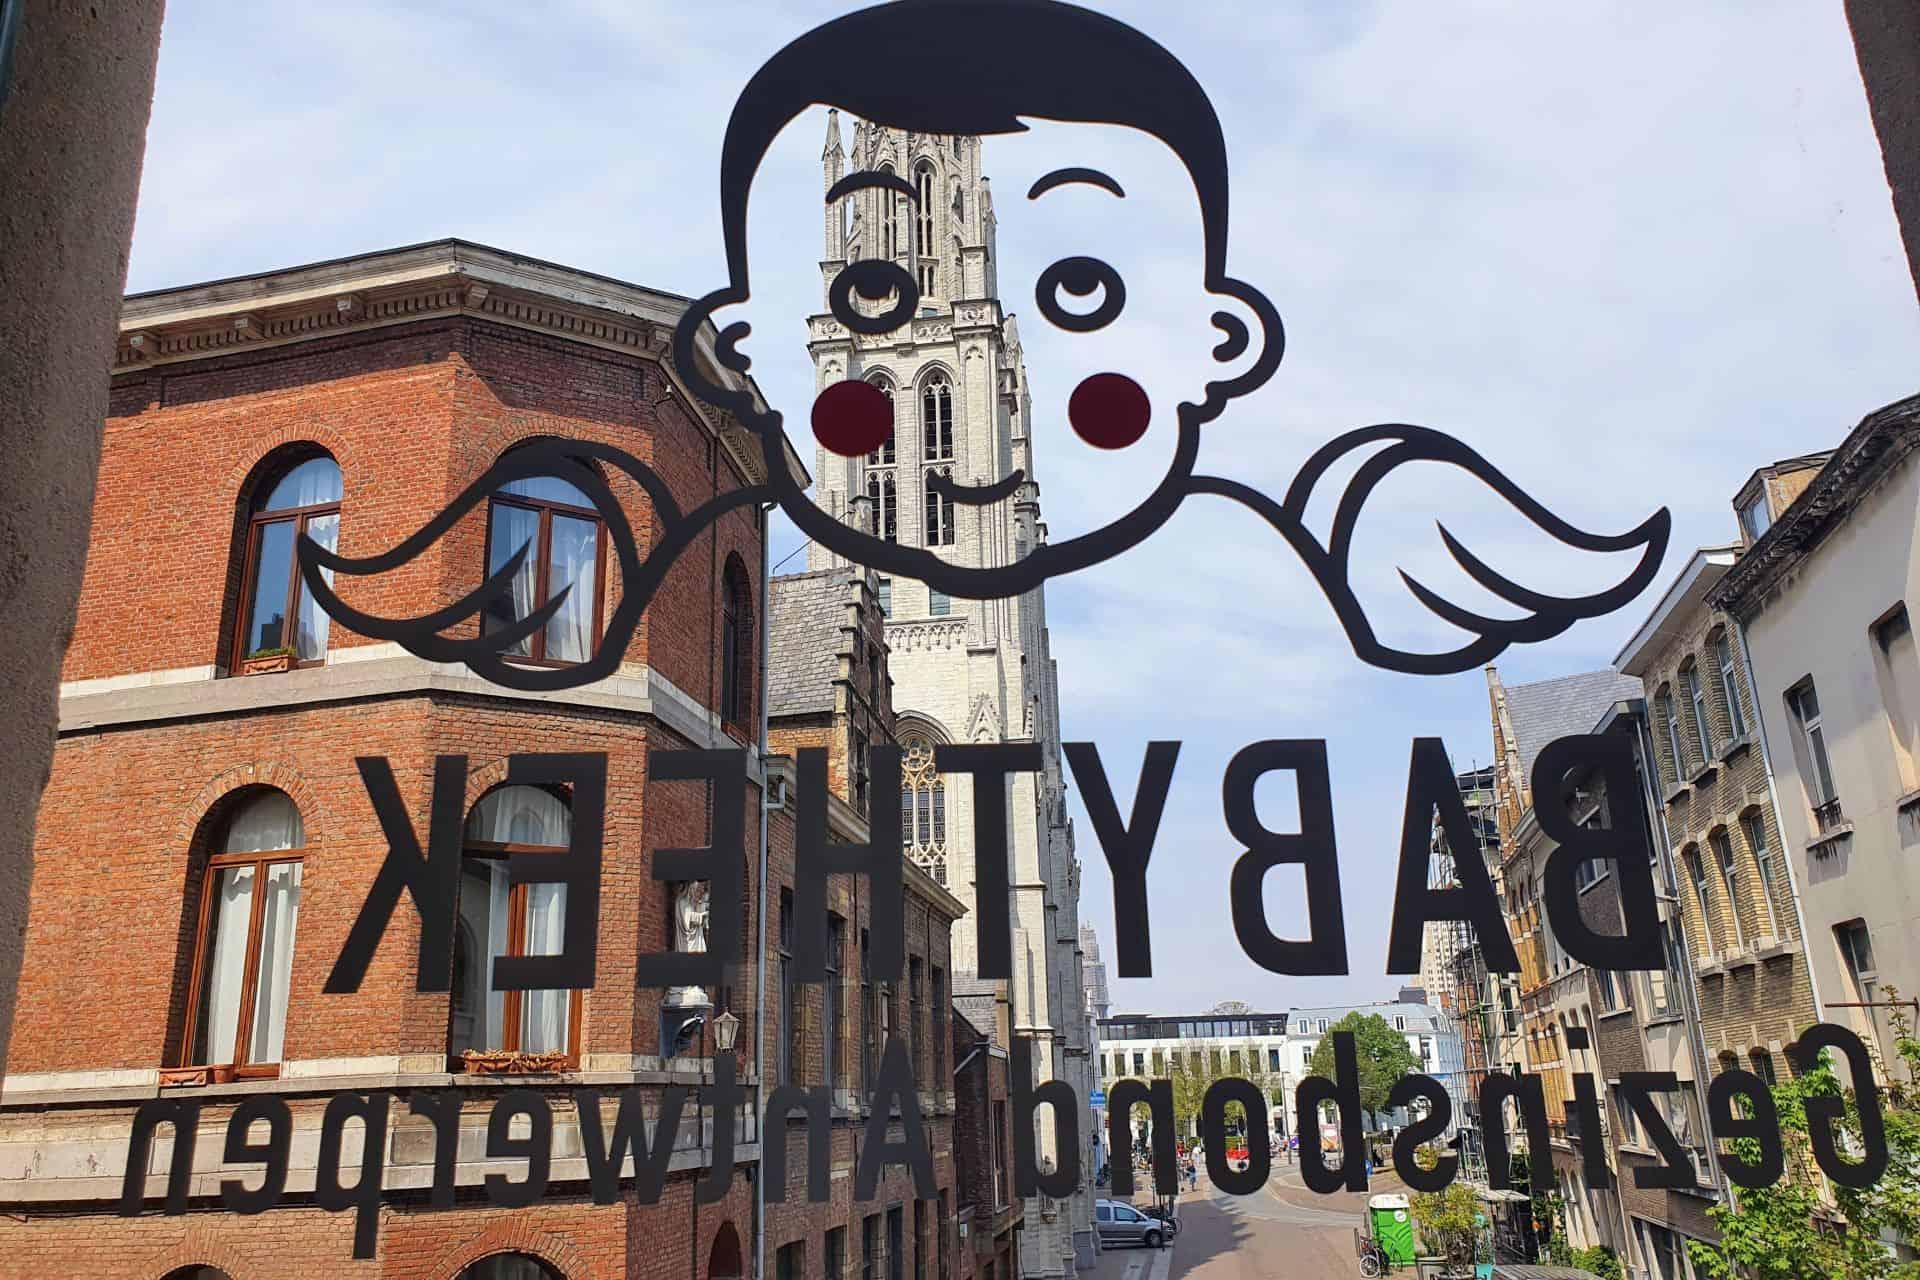 De Babytheek in Antwerpen geeft je babyspullen en een warm gevoel